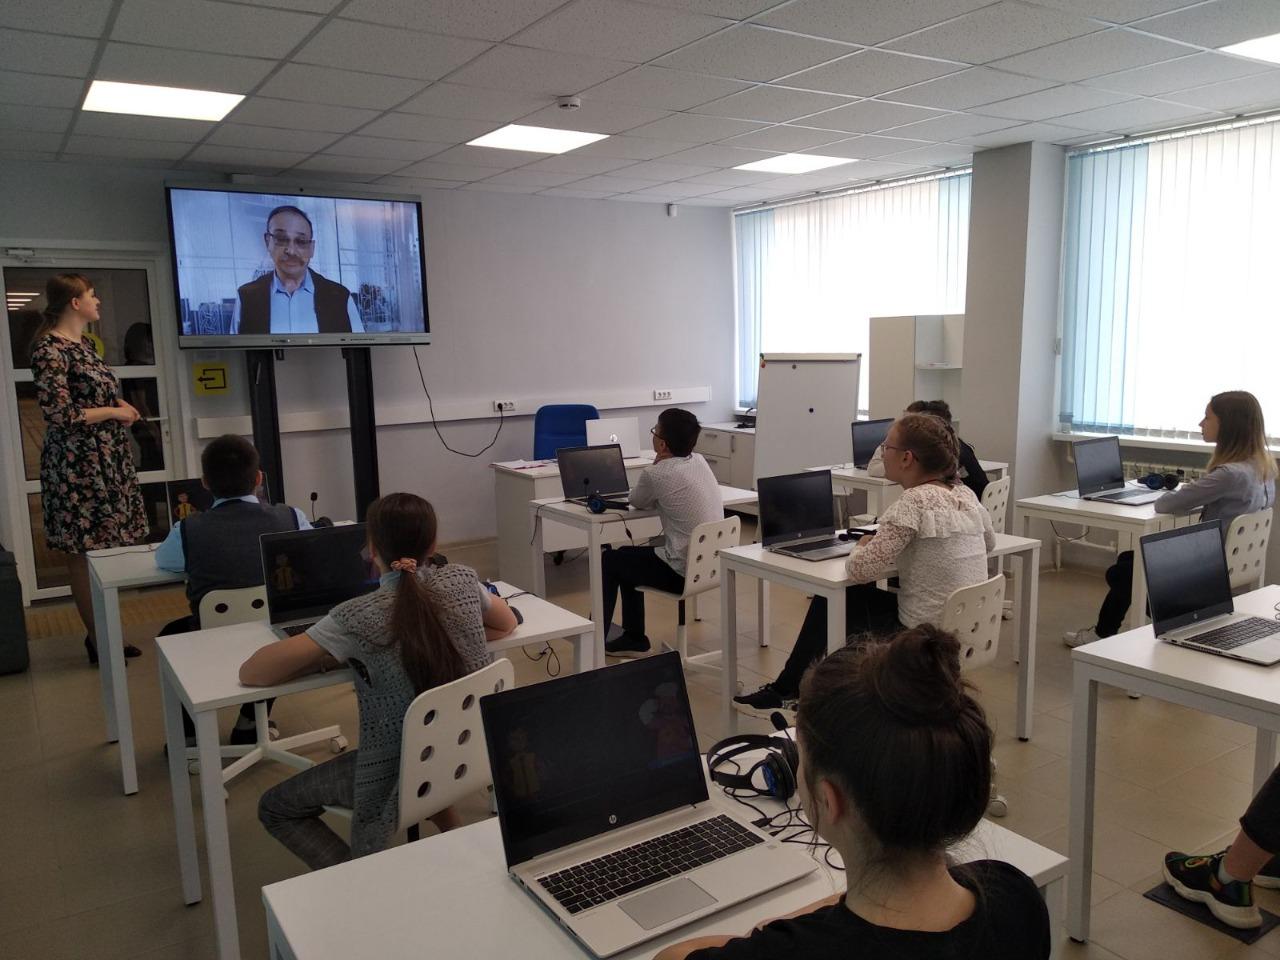 Тутаевские школьники приняли участие в «Уроке цифры» по вопросам автоматизации предприятий и учреждений